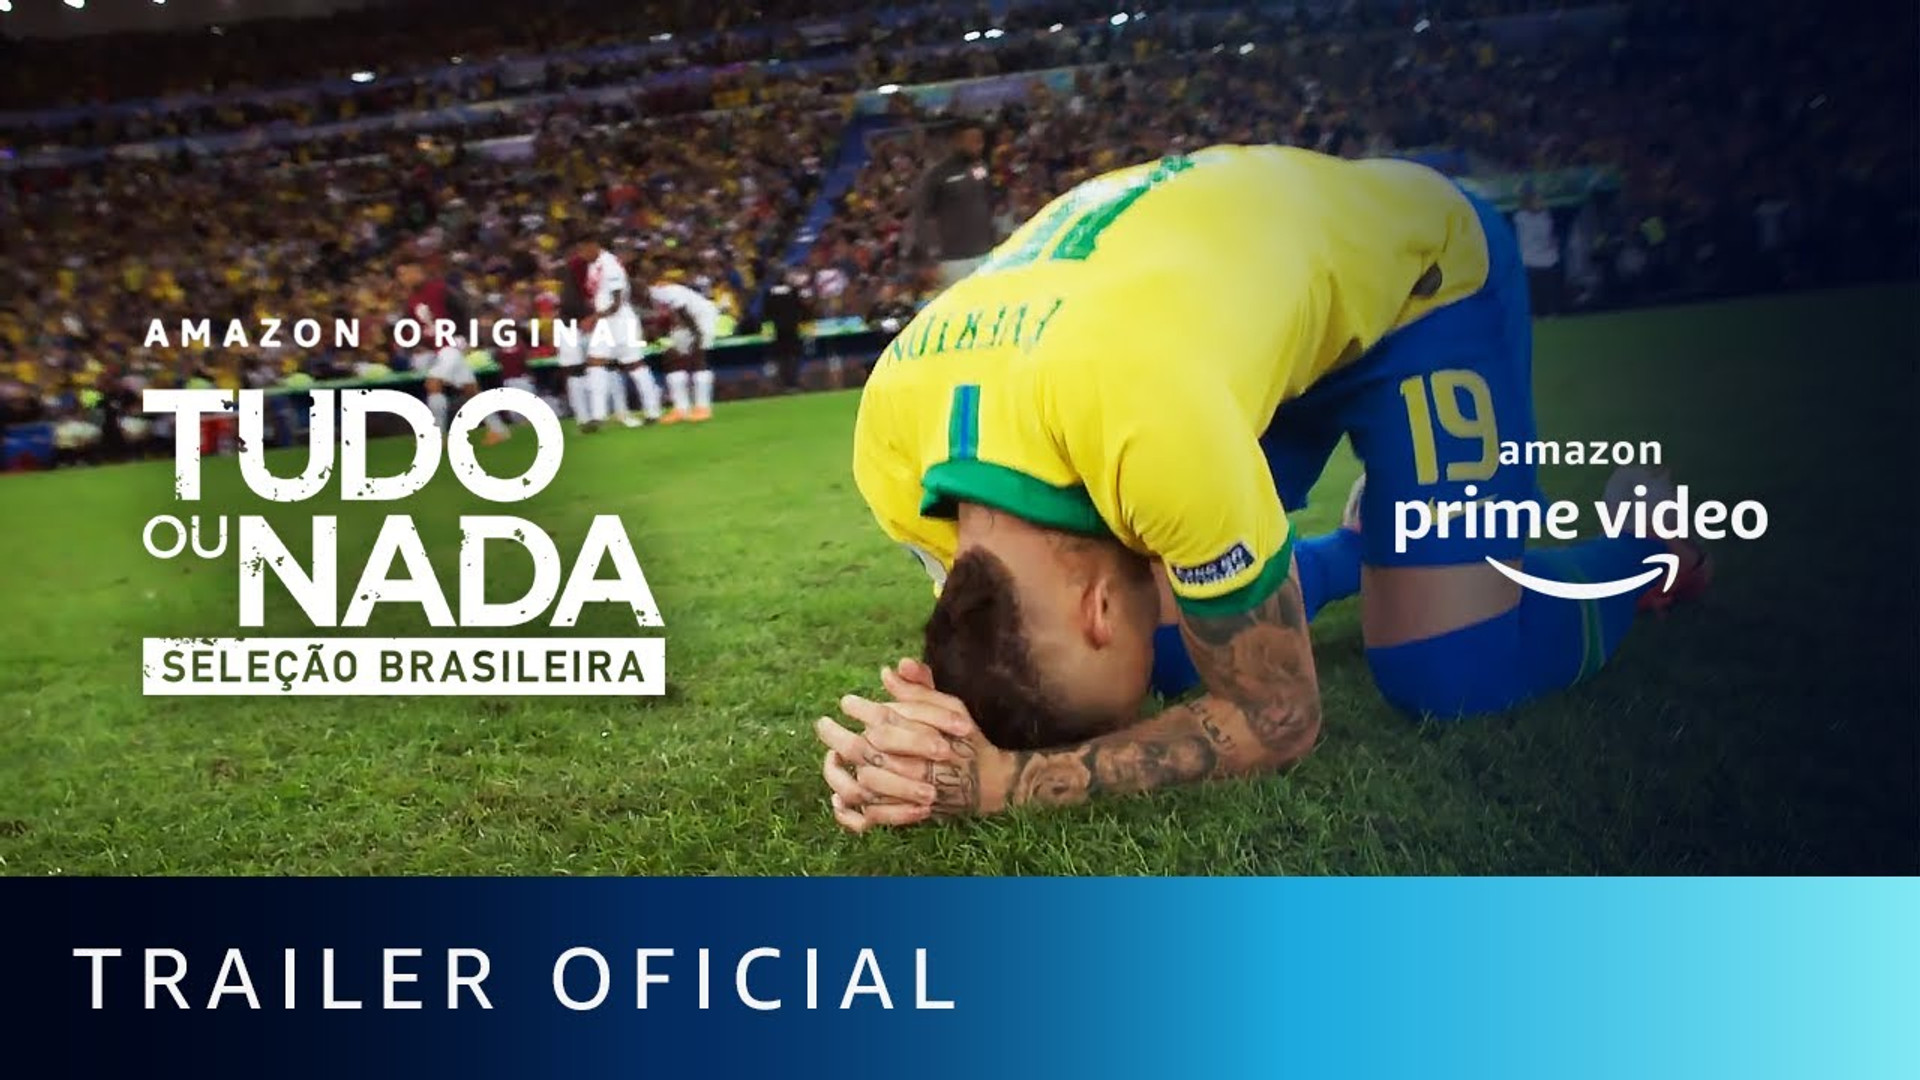 TUDO OU NADA: SELEÇÃO BRASILEIRA